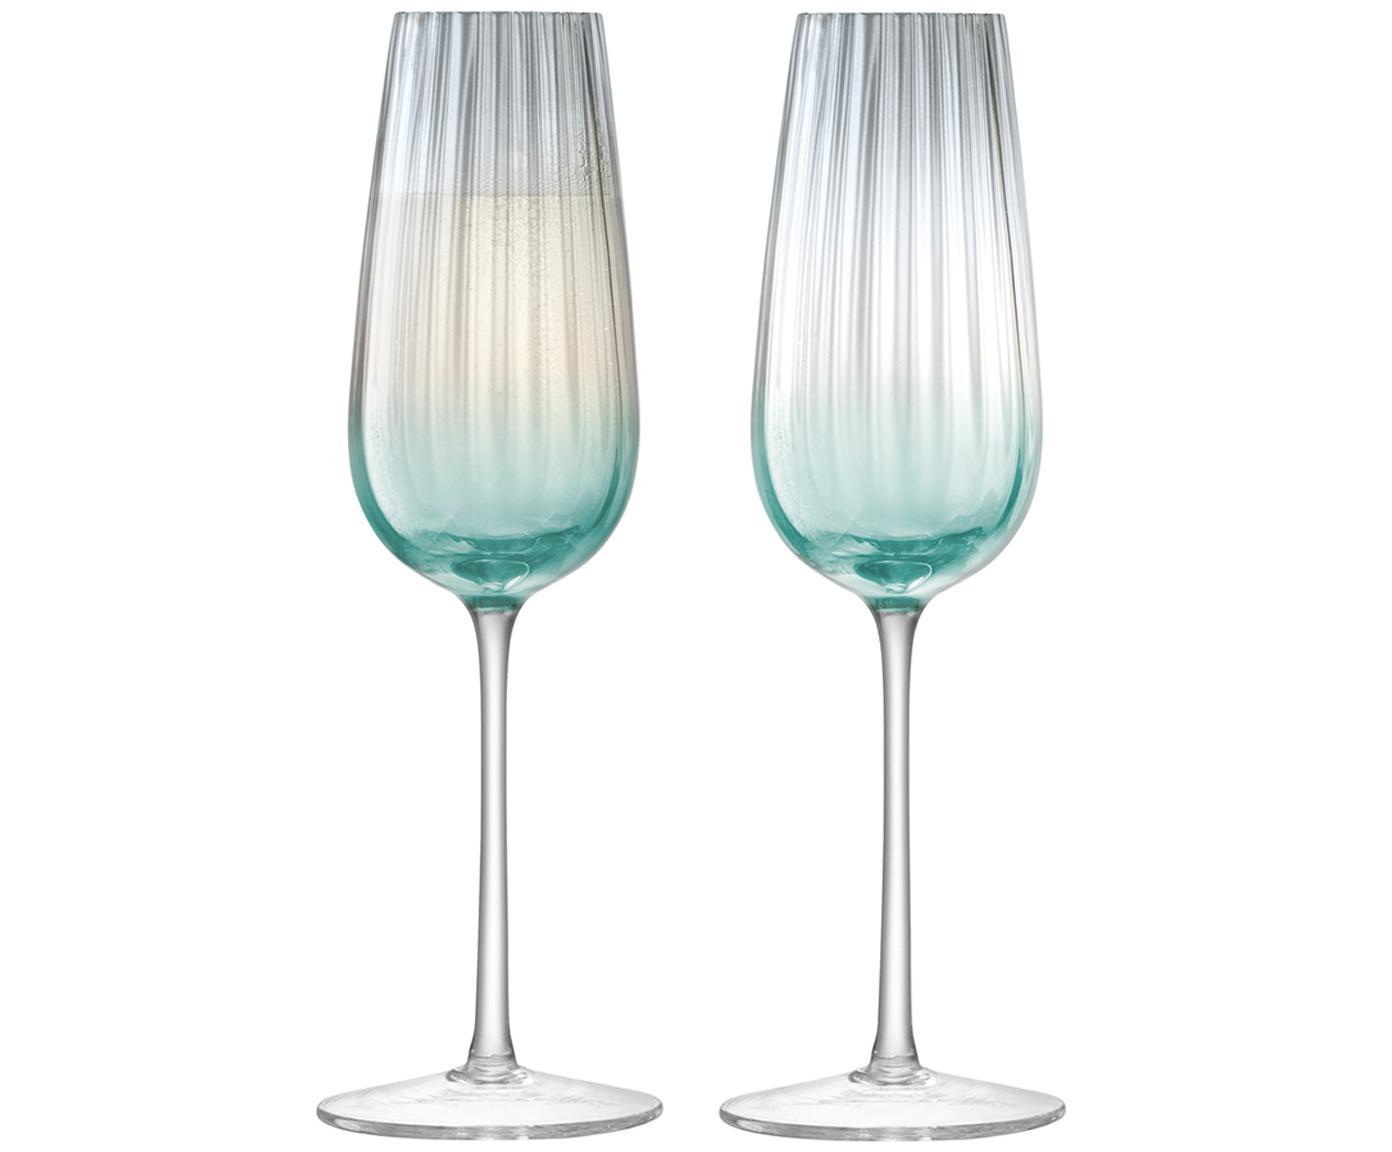 Handgemaakte champagneglazen Dusk met kleurverloop en groefstructuur, 2er-set, Glas, Groen, grijs, Ø 23 x H 6 cm